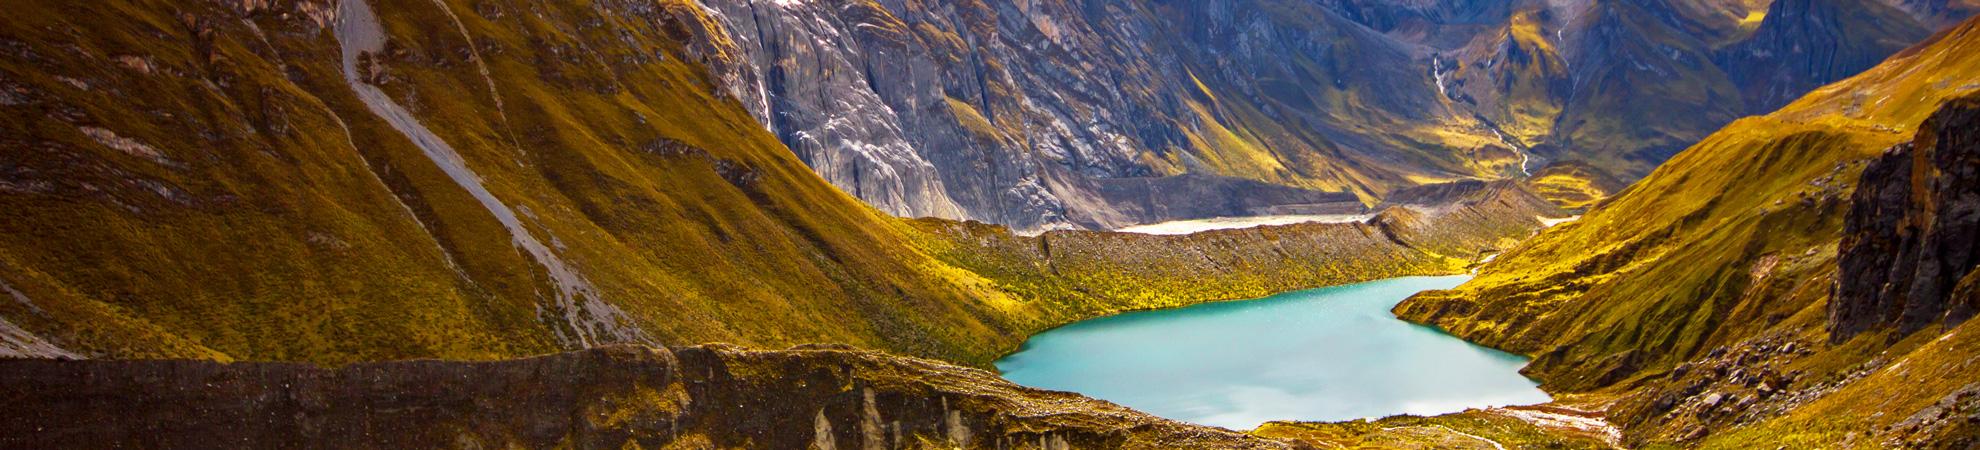 Paysages du Pérou